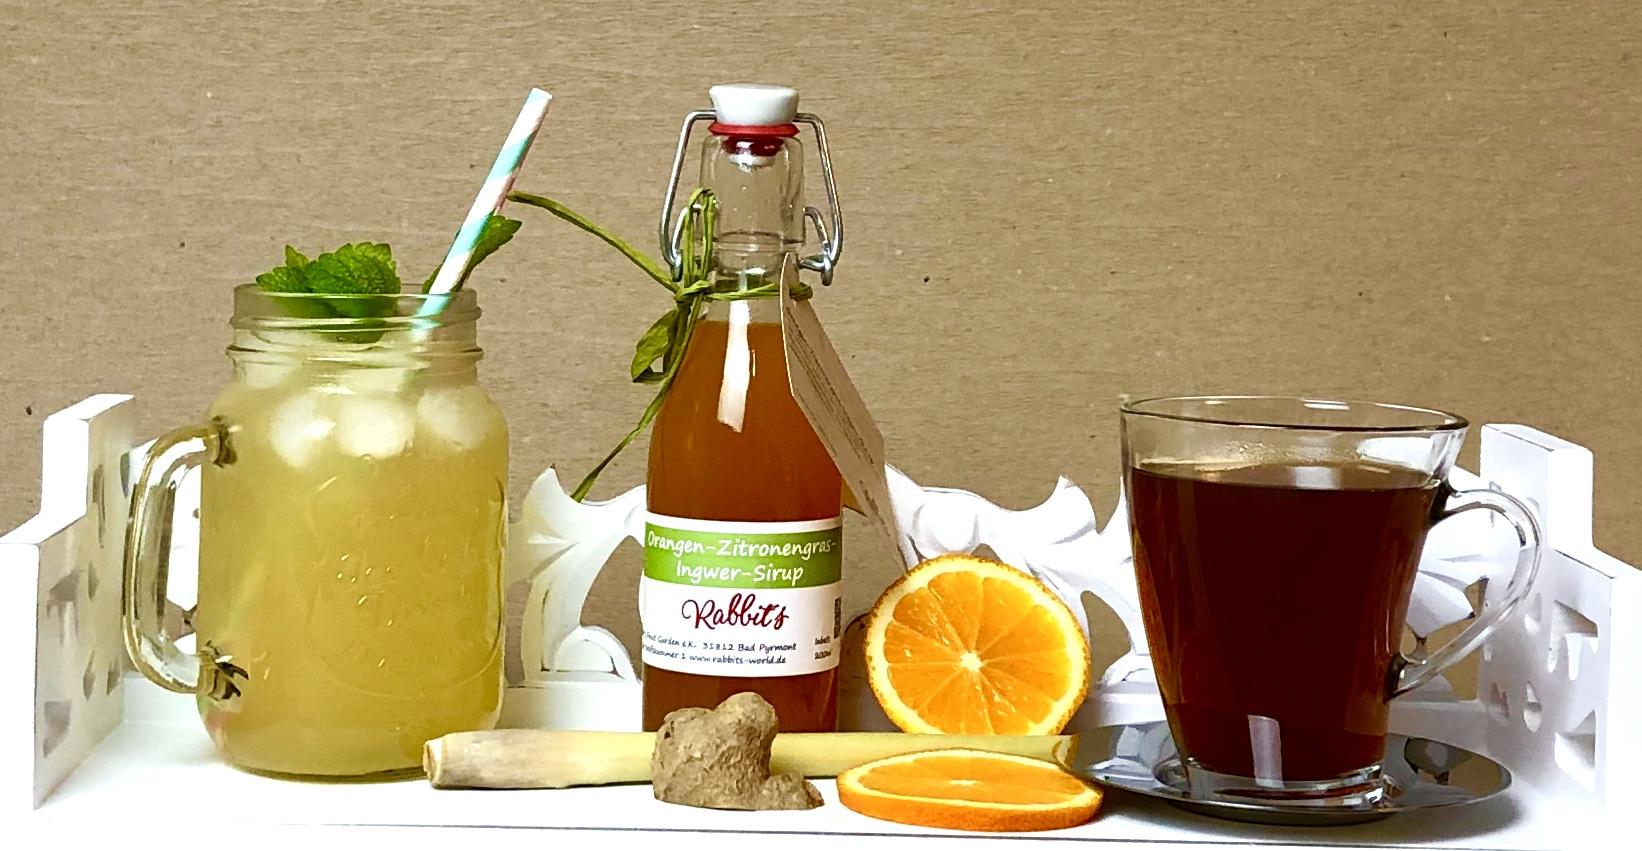 Orangen-Ingwer Sirup auch im Tee, lecker :)